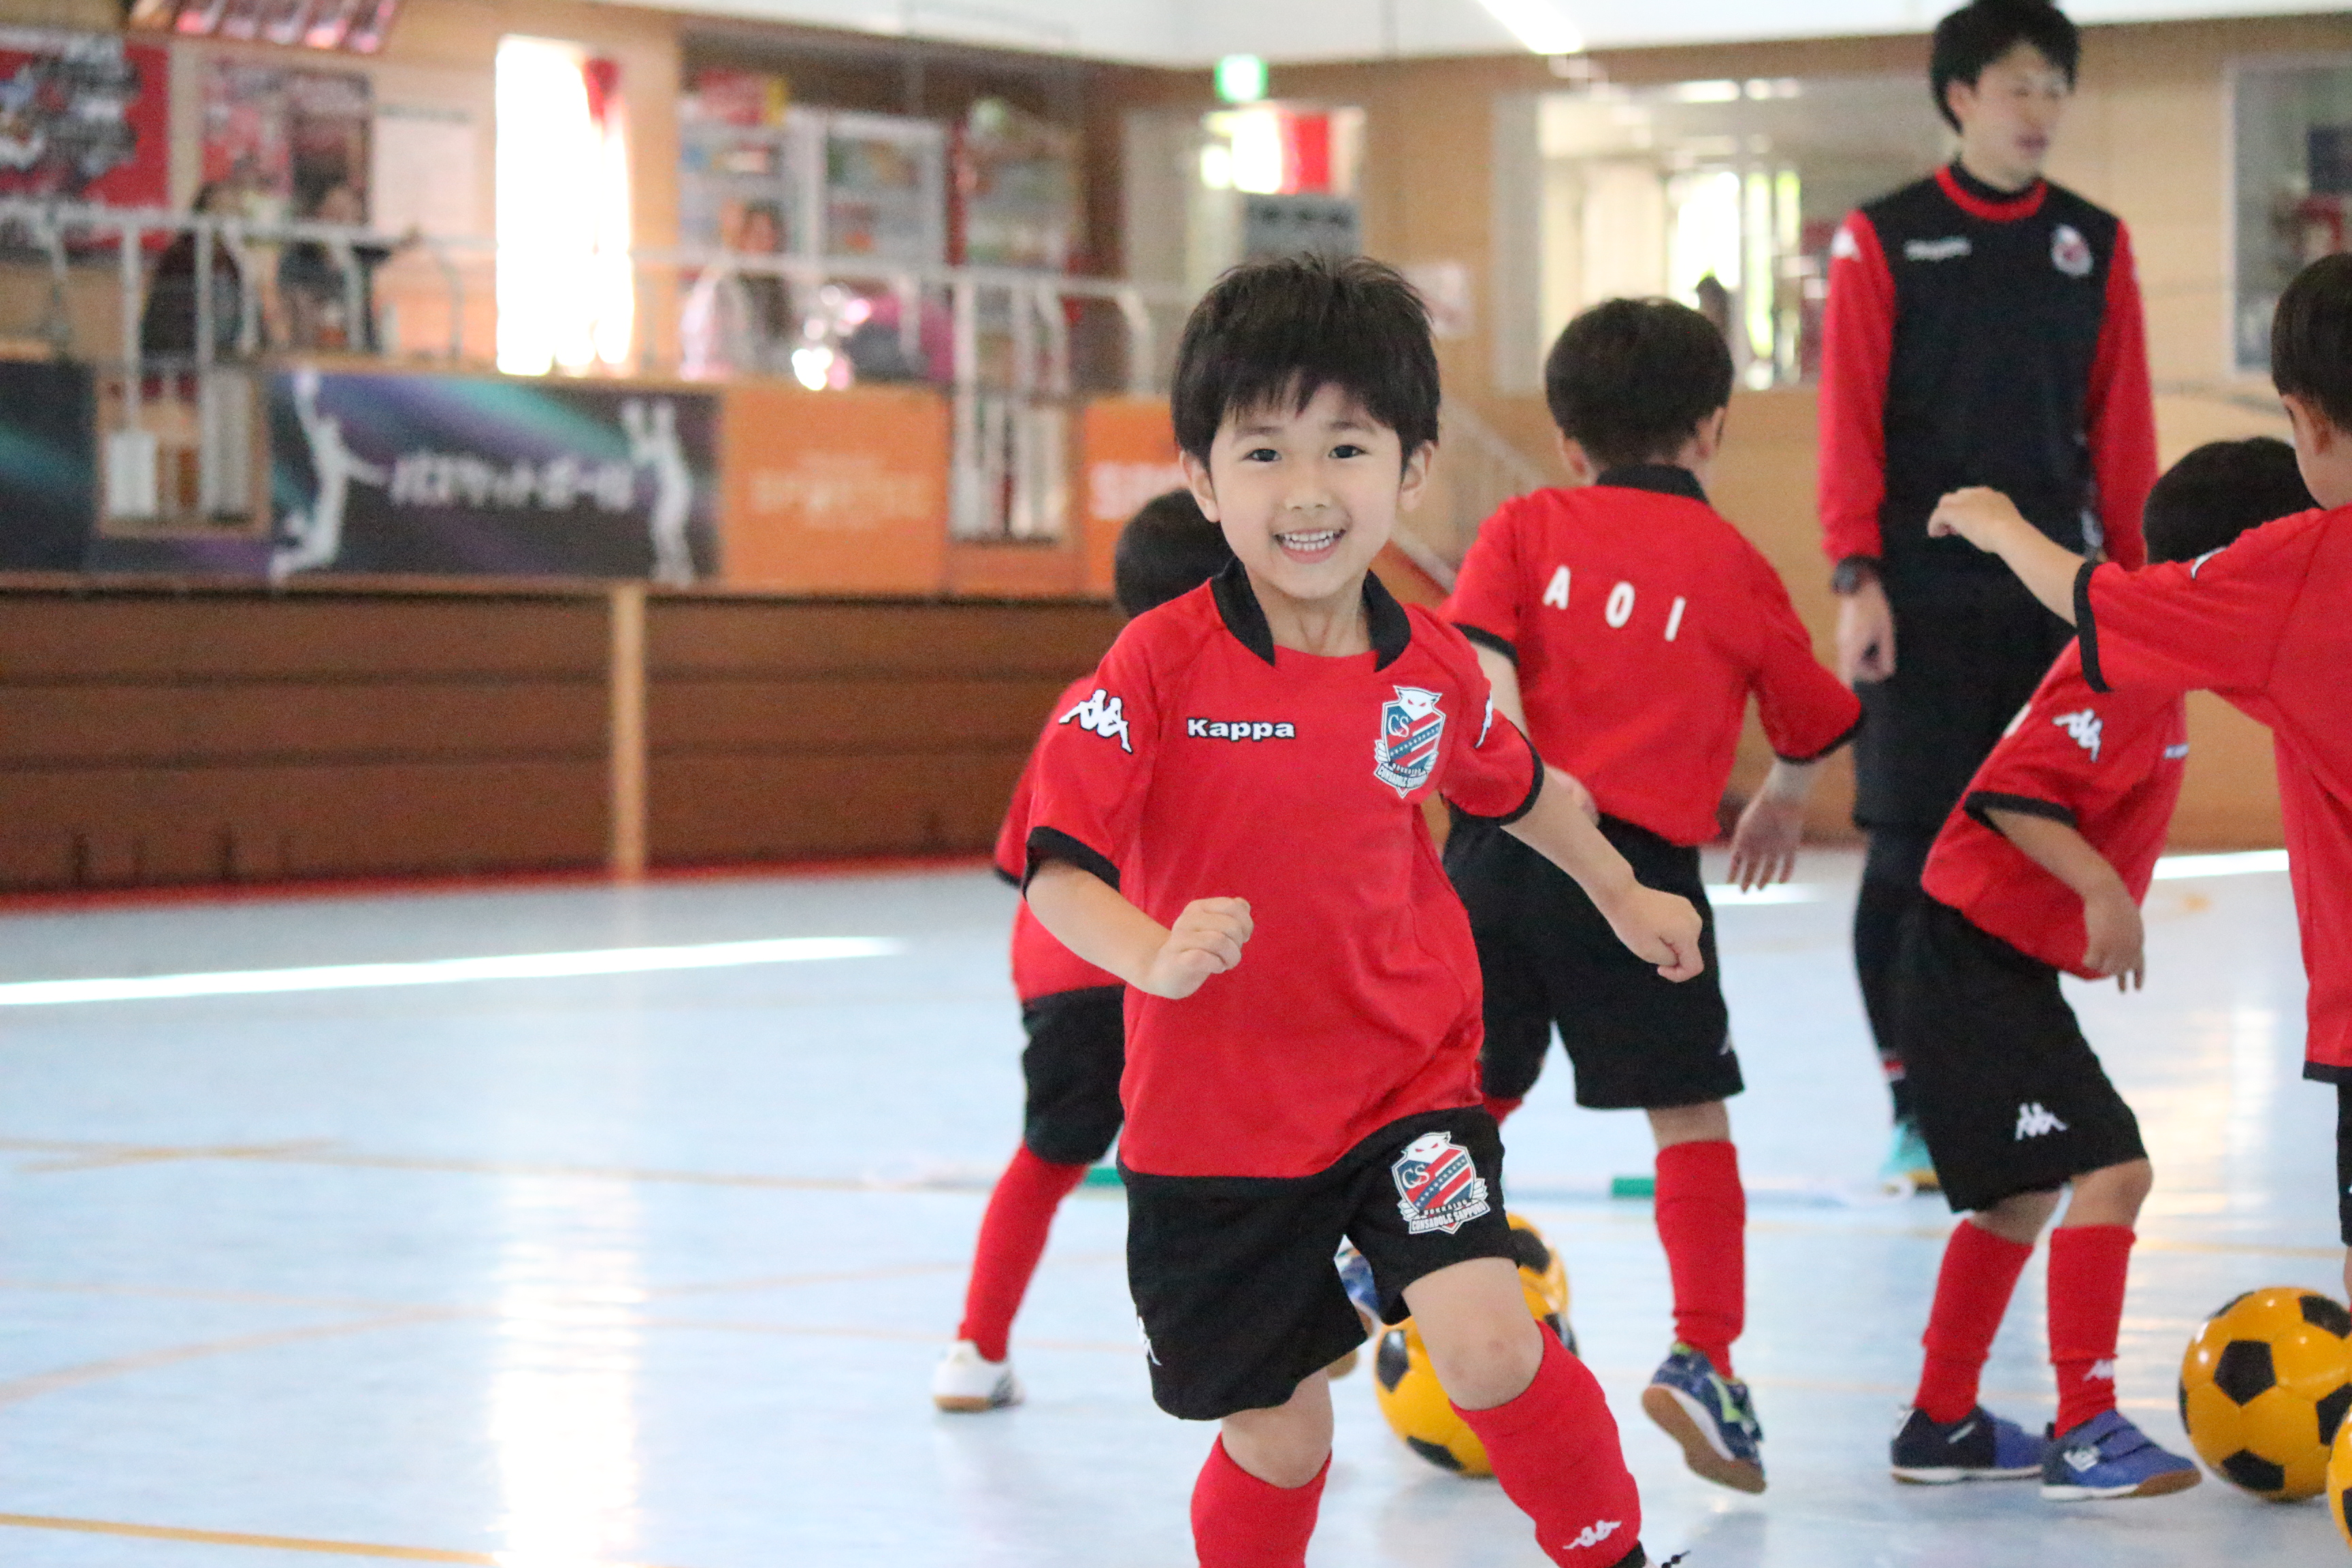 http://chsc.jp/news/up_images/IMG_6782.JPG